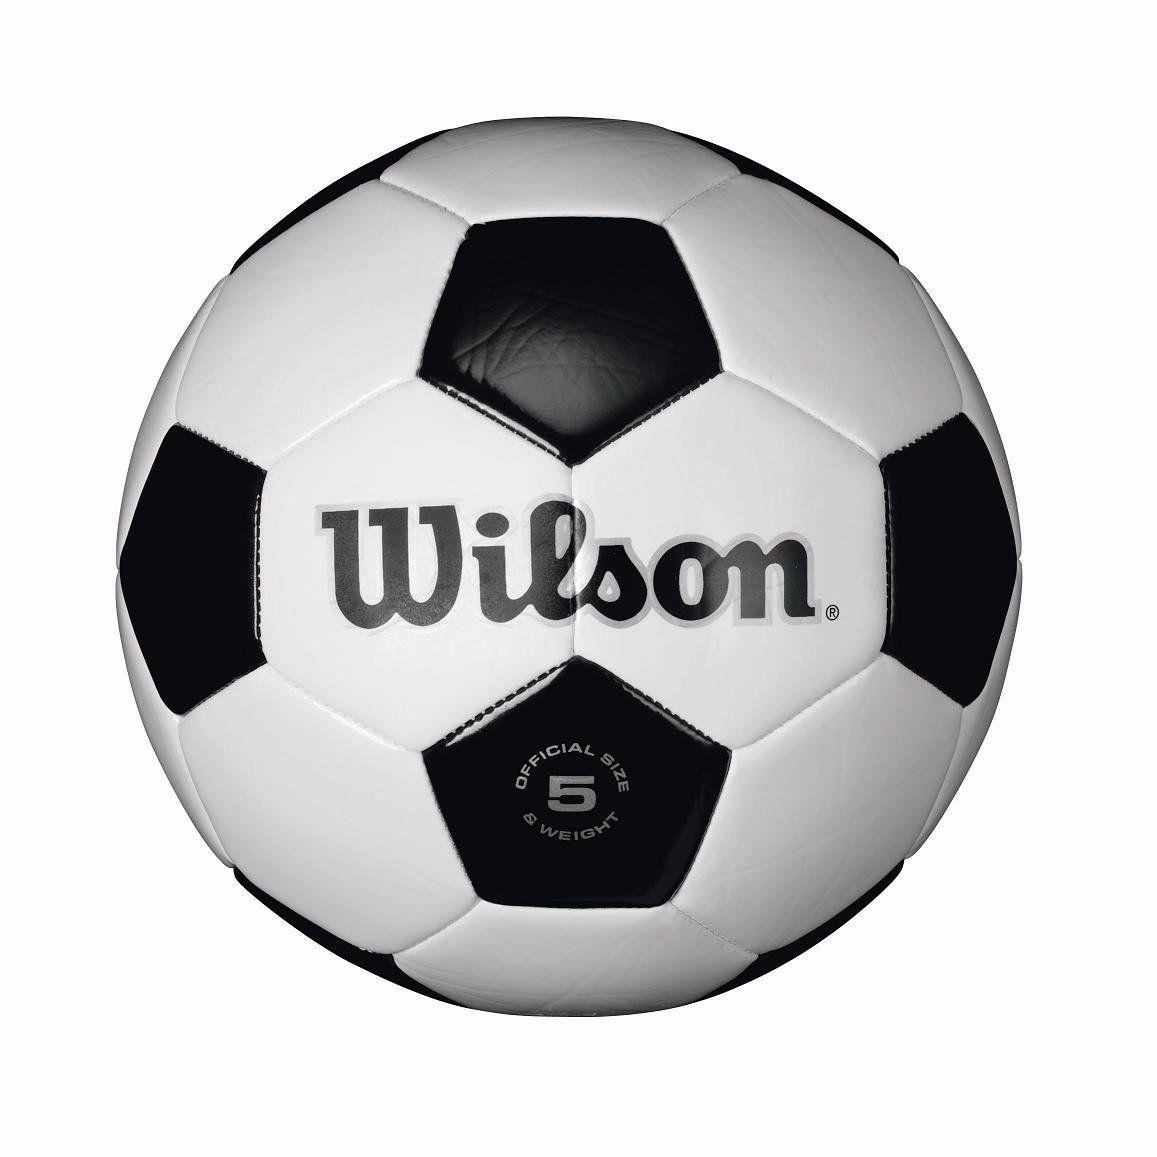 Wilson Traditional Soccer Ball Com Imagens Caixa De Sapato